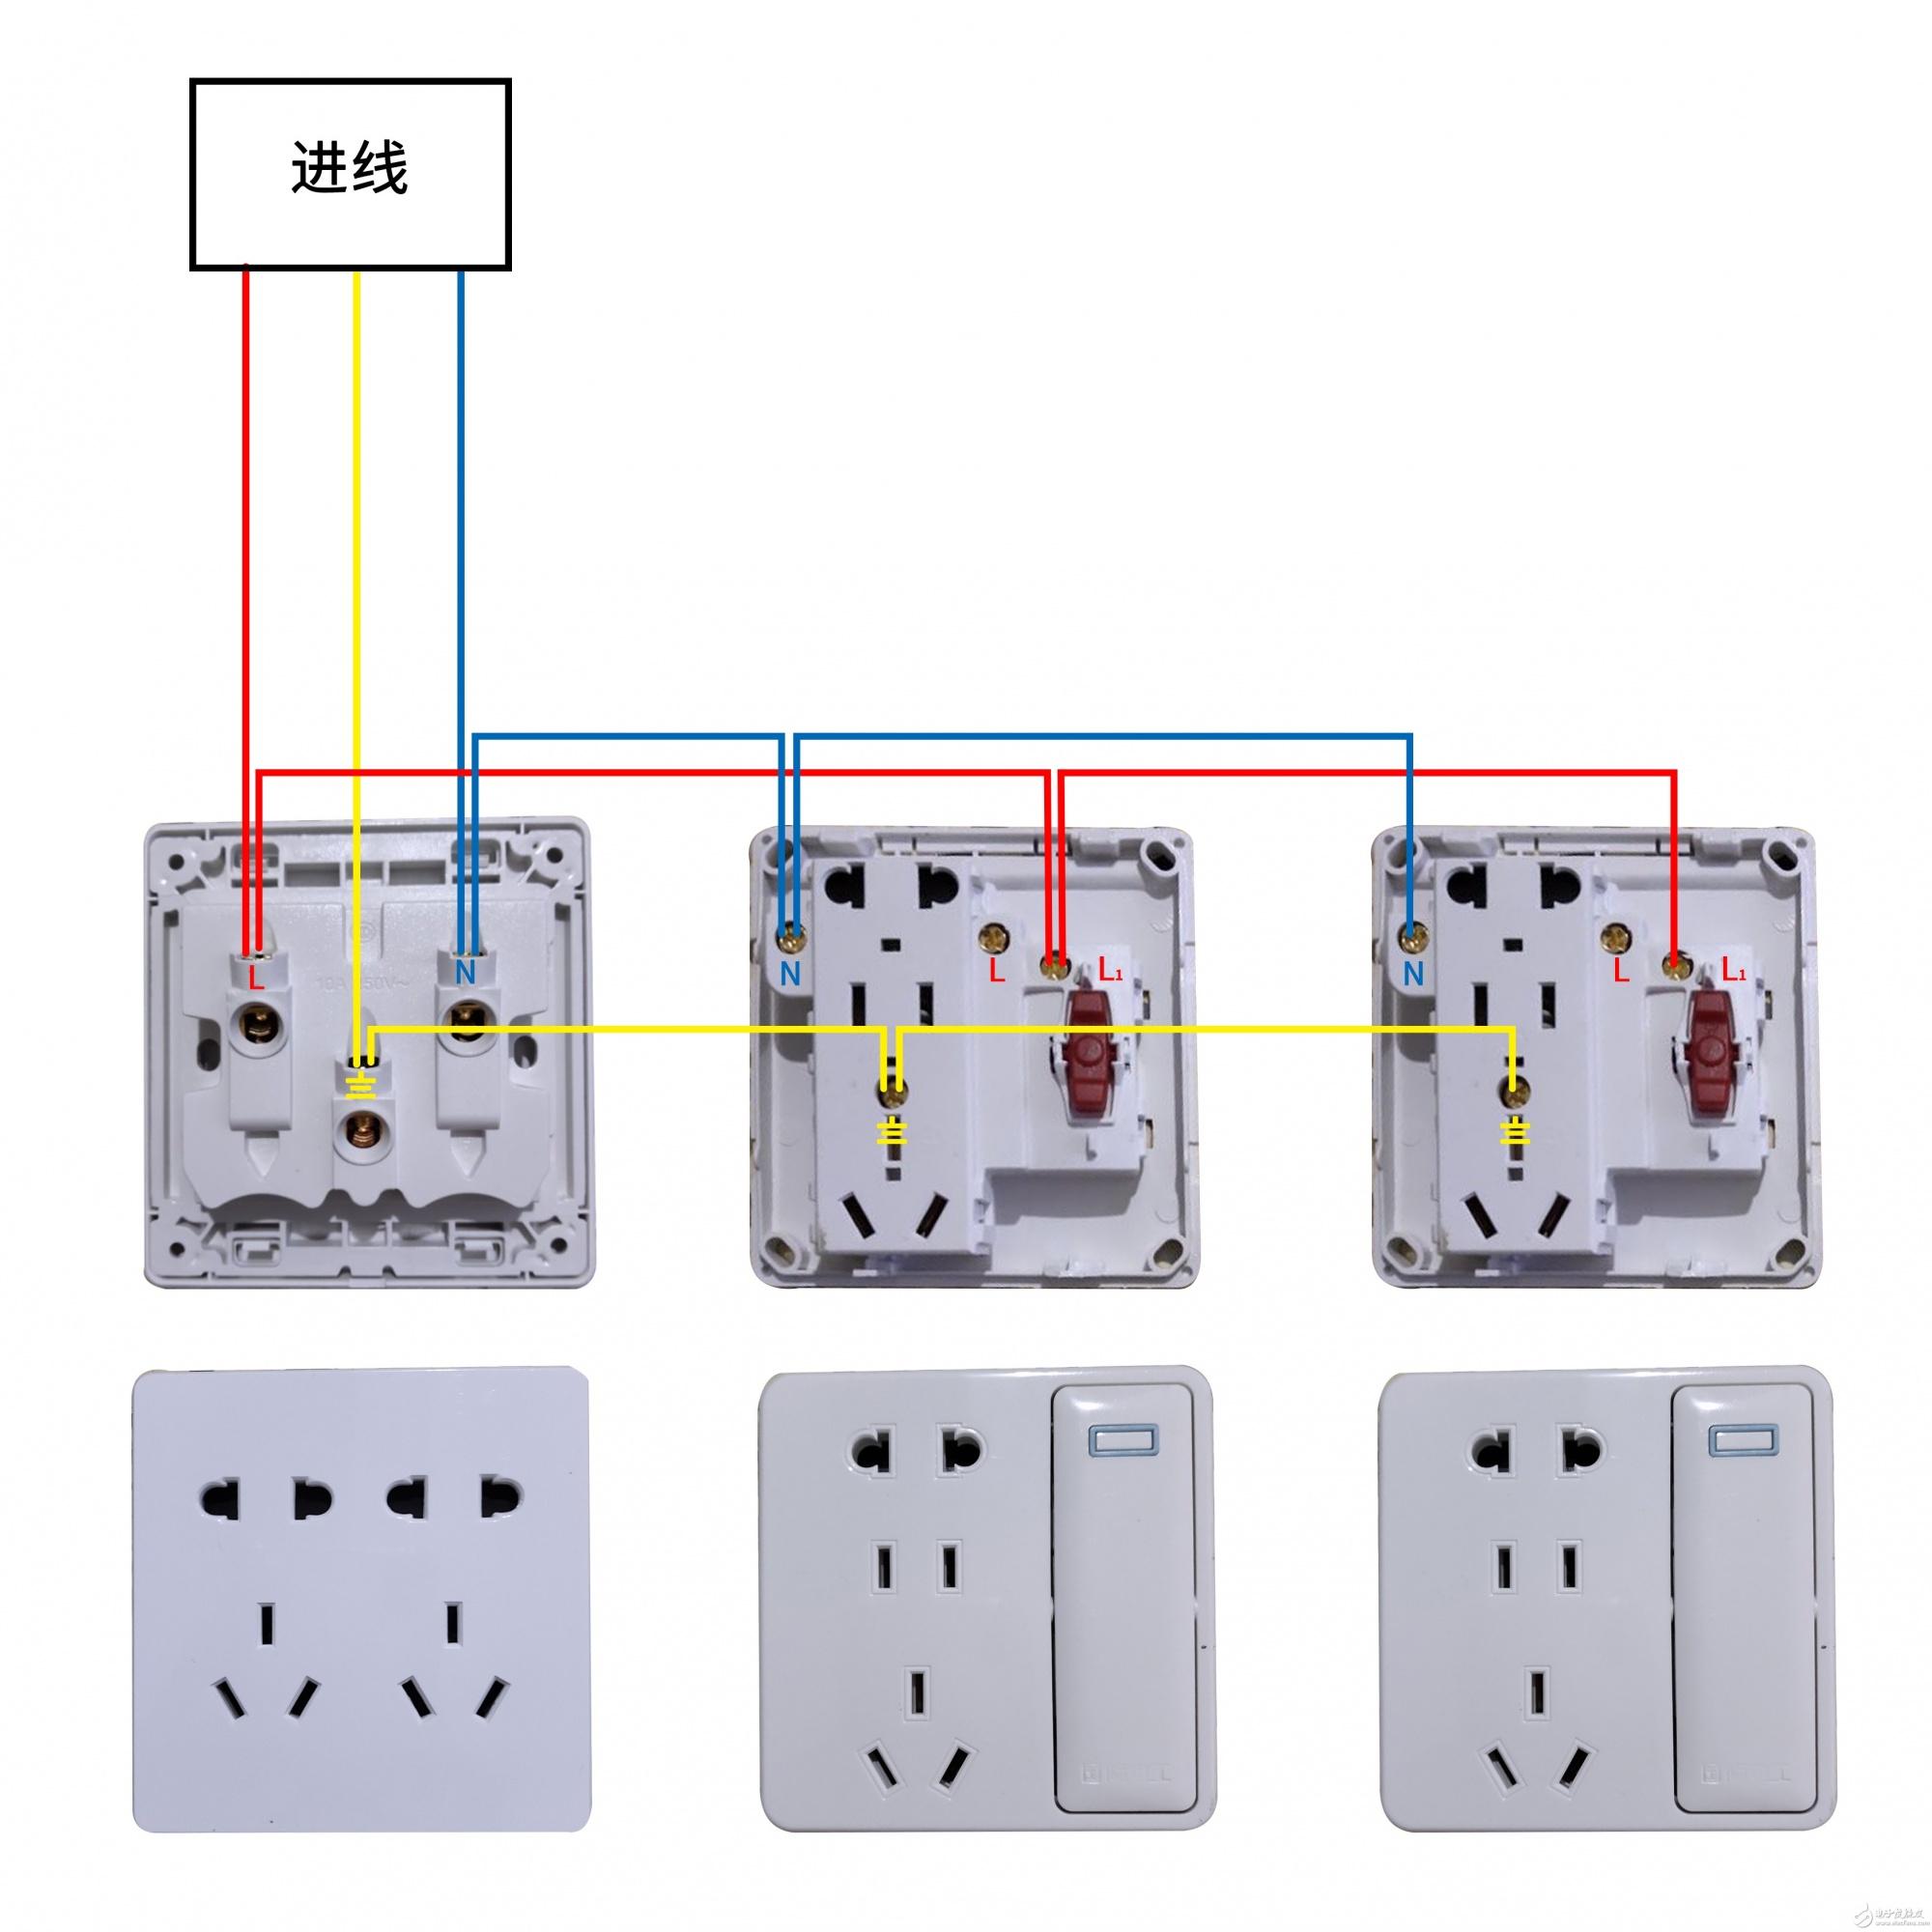 多个插座接线是否正确?每个插座能否单独控制吗?